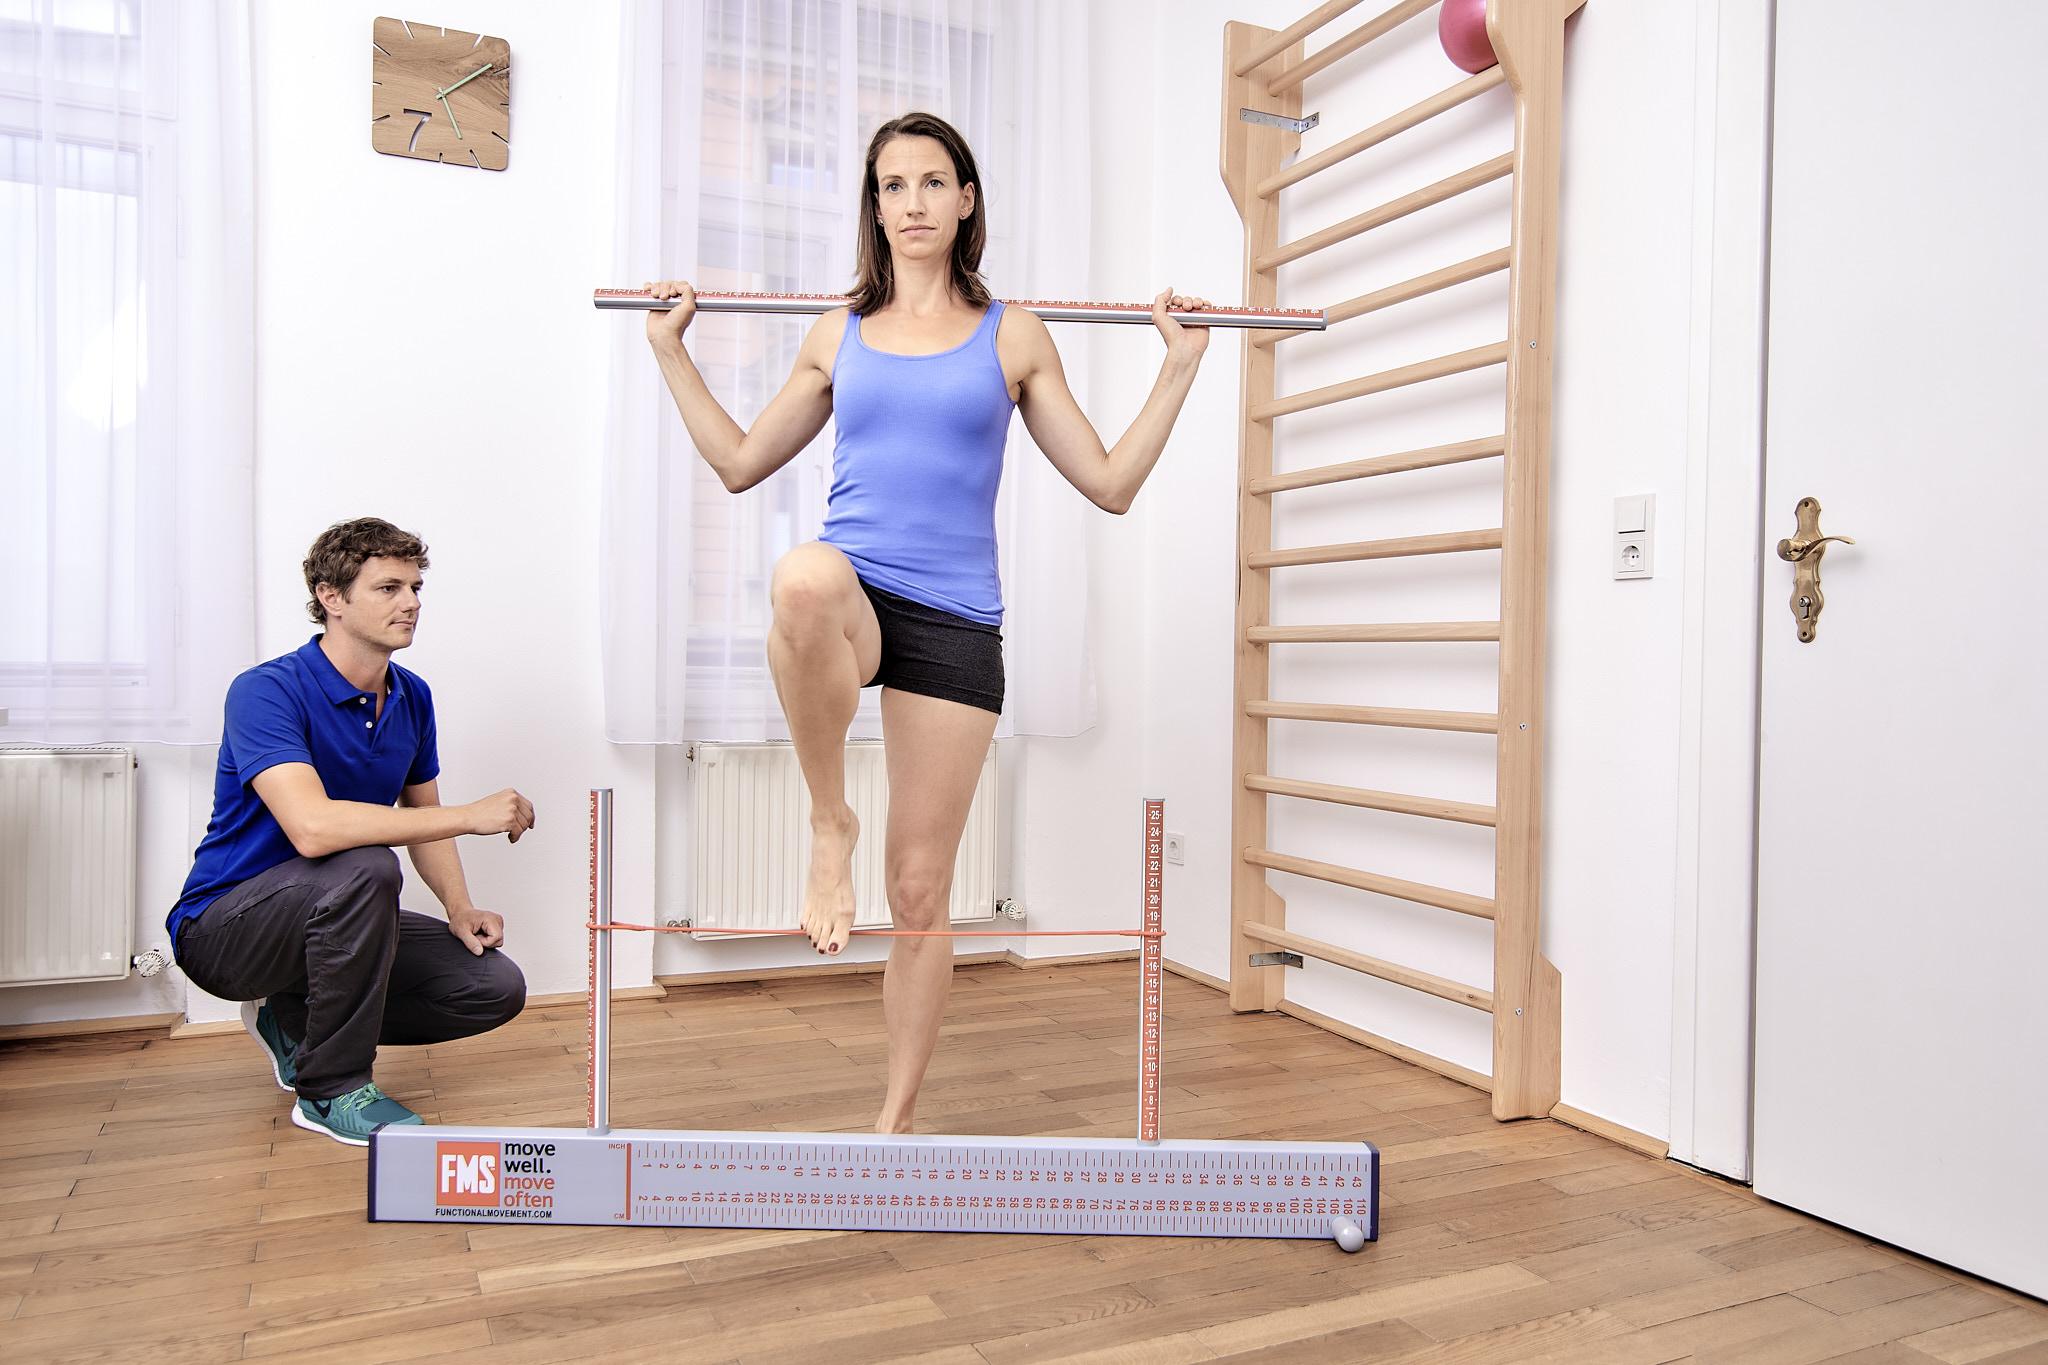 Durchführung Functional Movement Screen Physiotherapie Connert Innsbruck